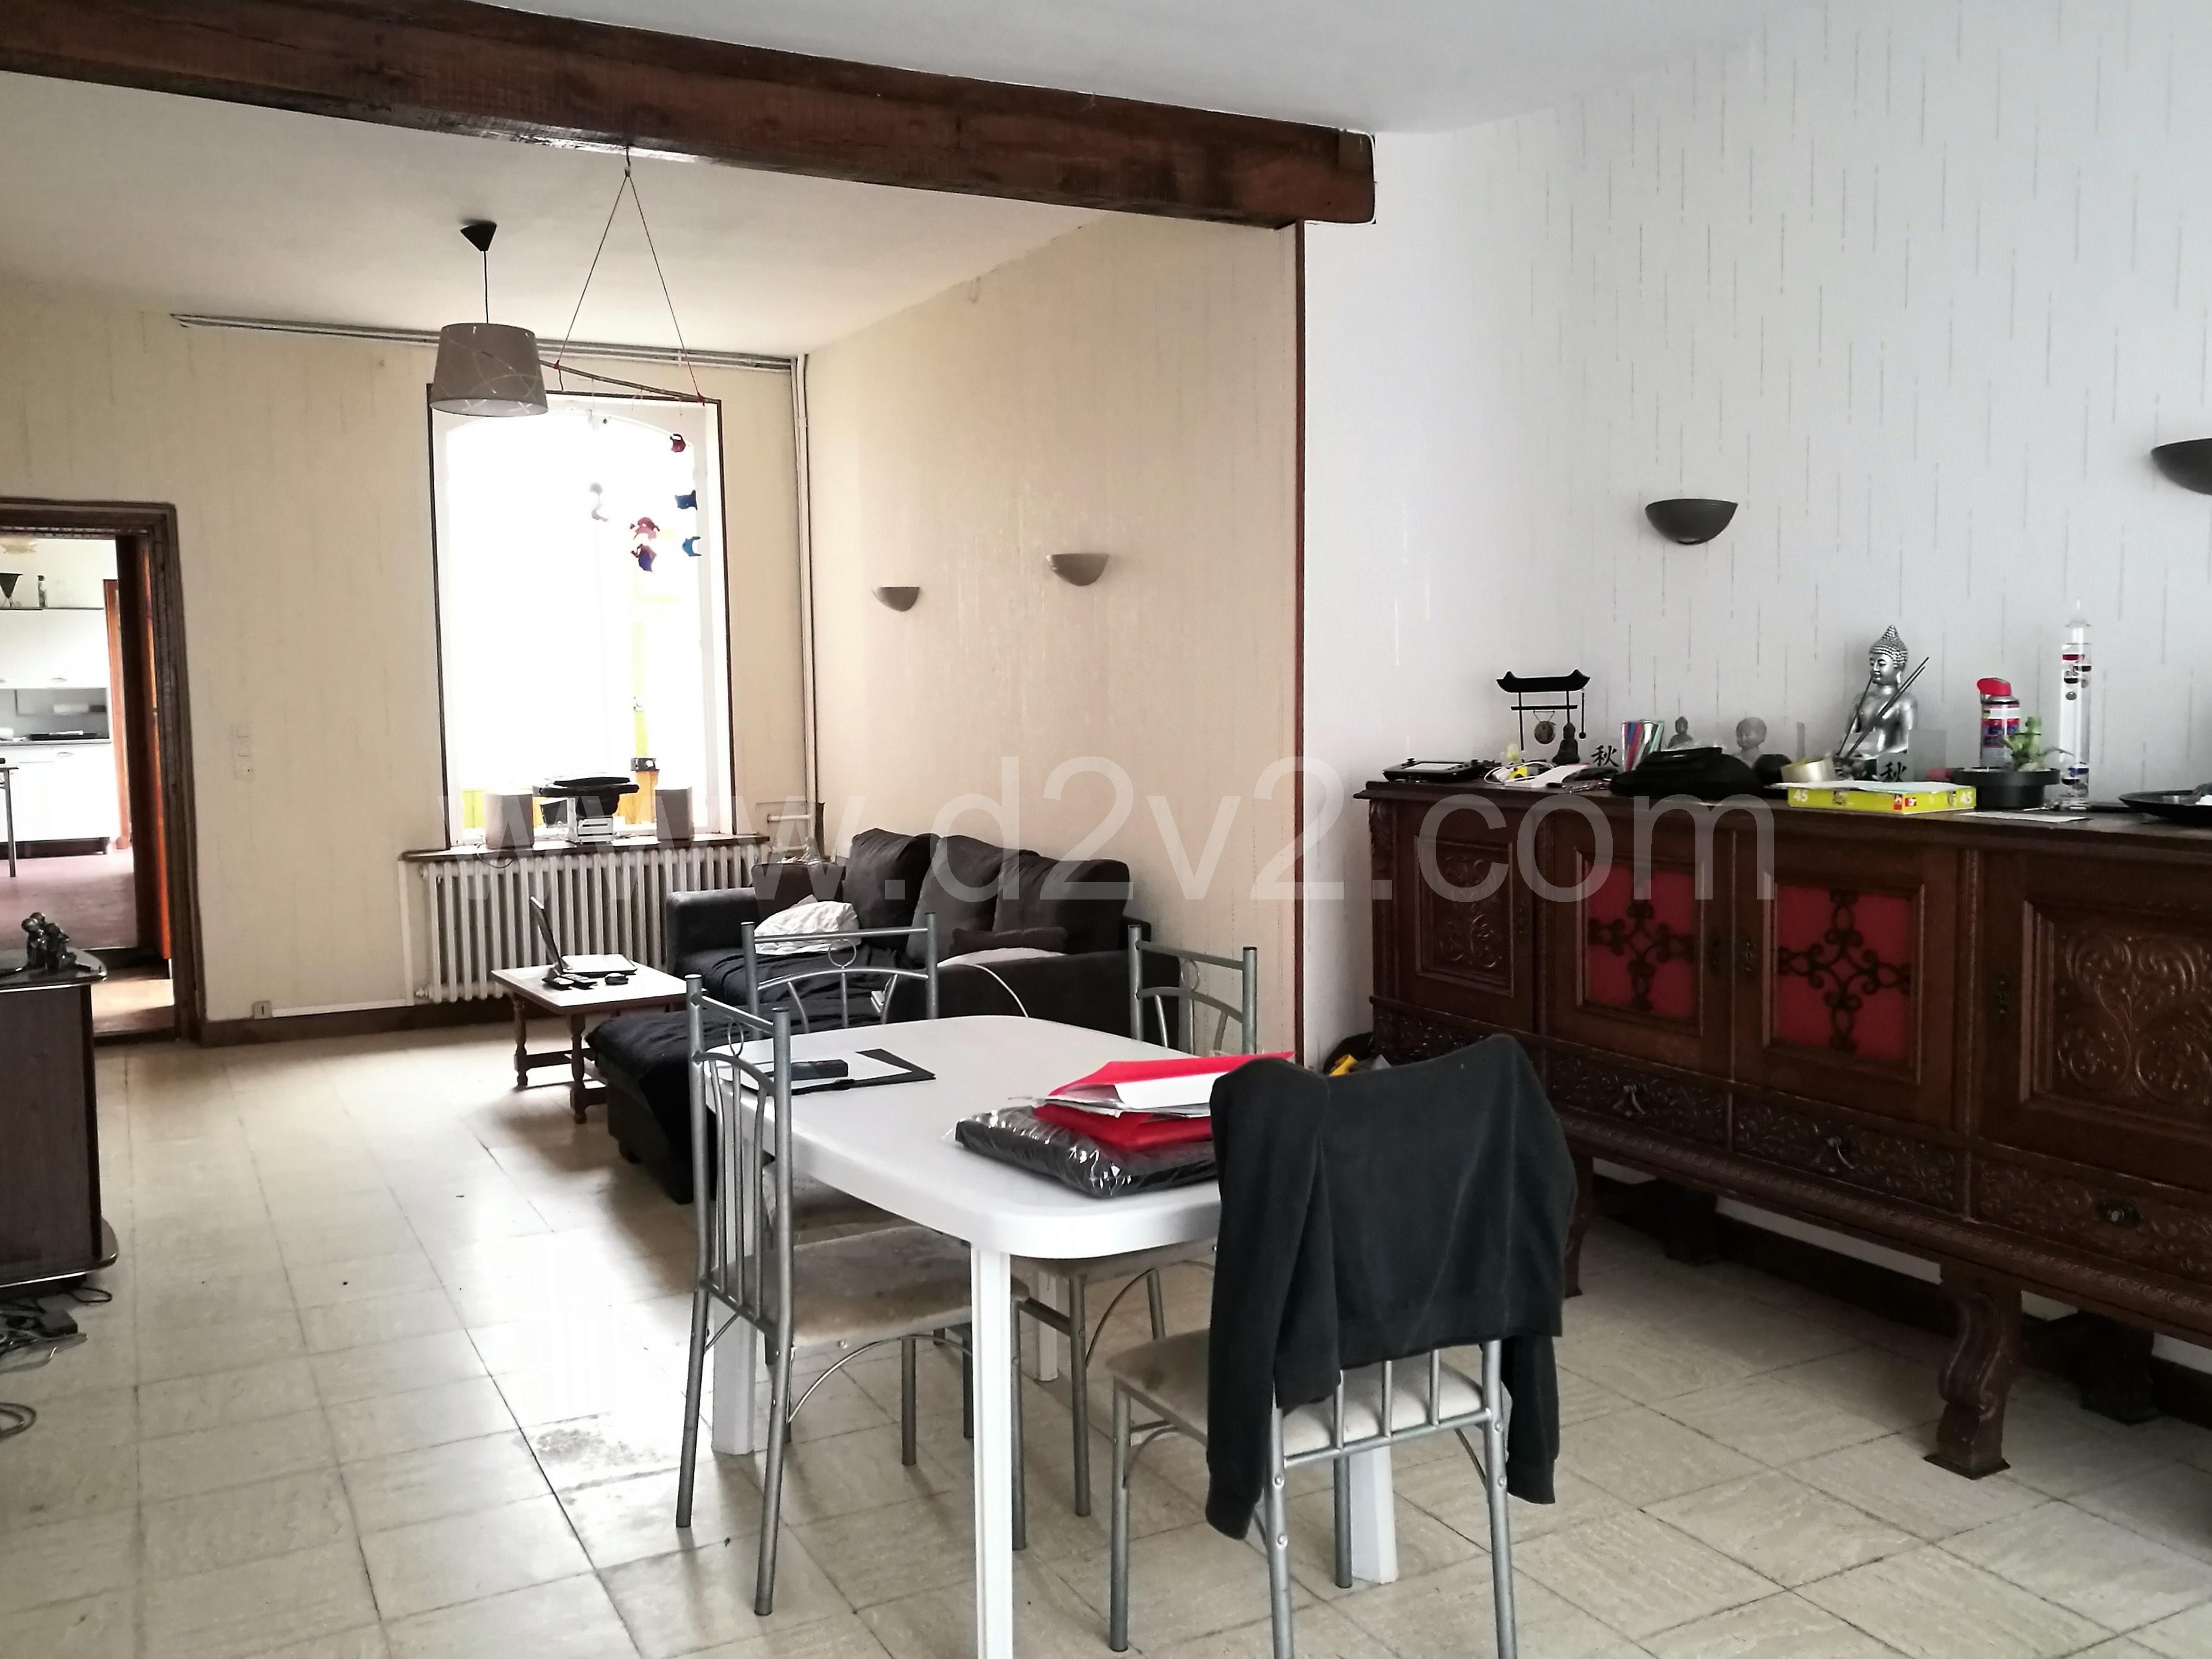 annonce vente maison f 232 re en tardenois 02130 138 m 178 141 000 992738364774